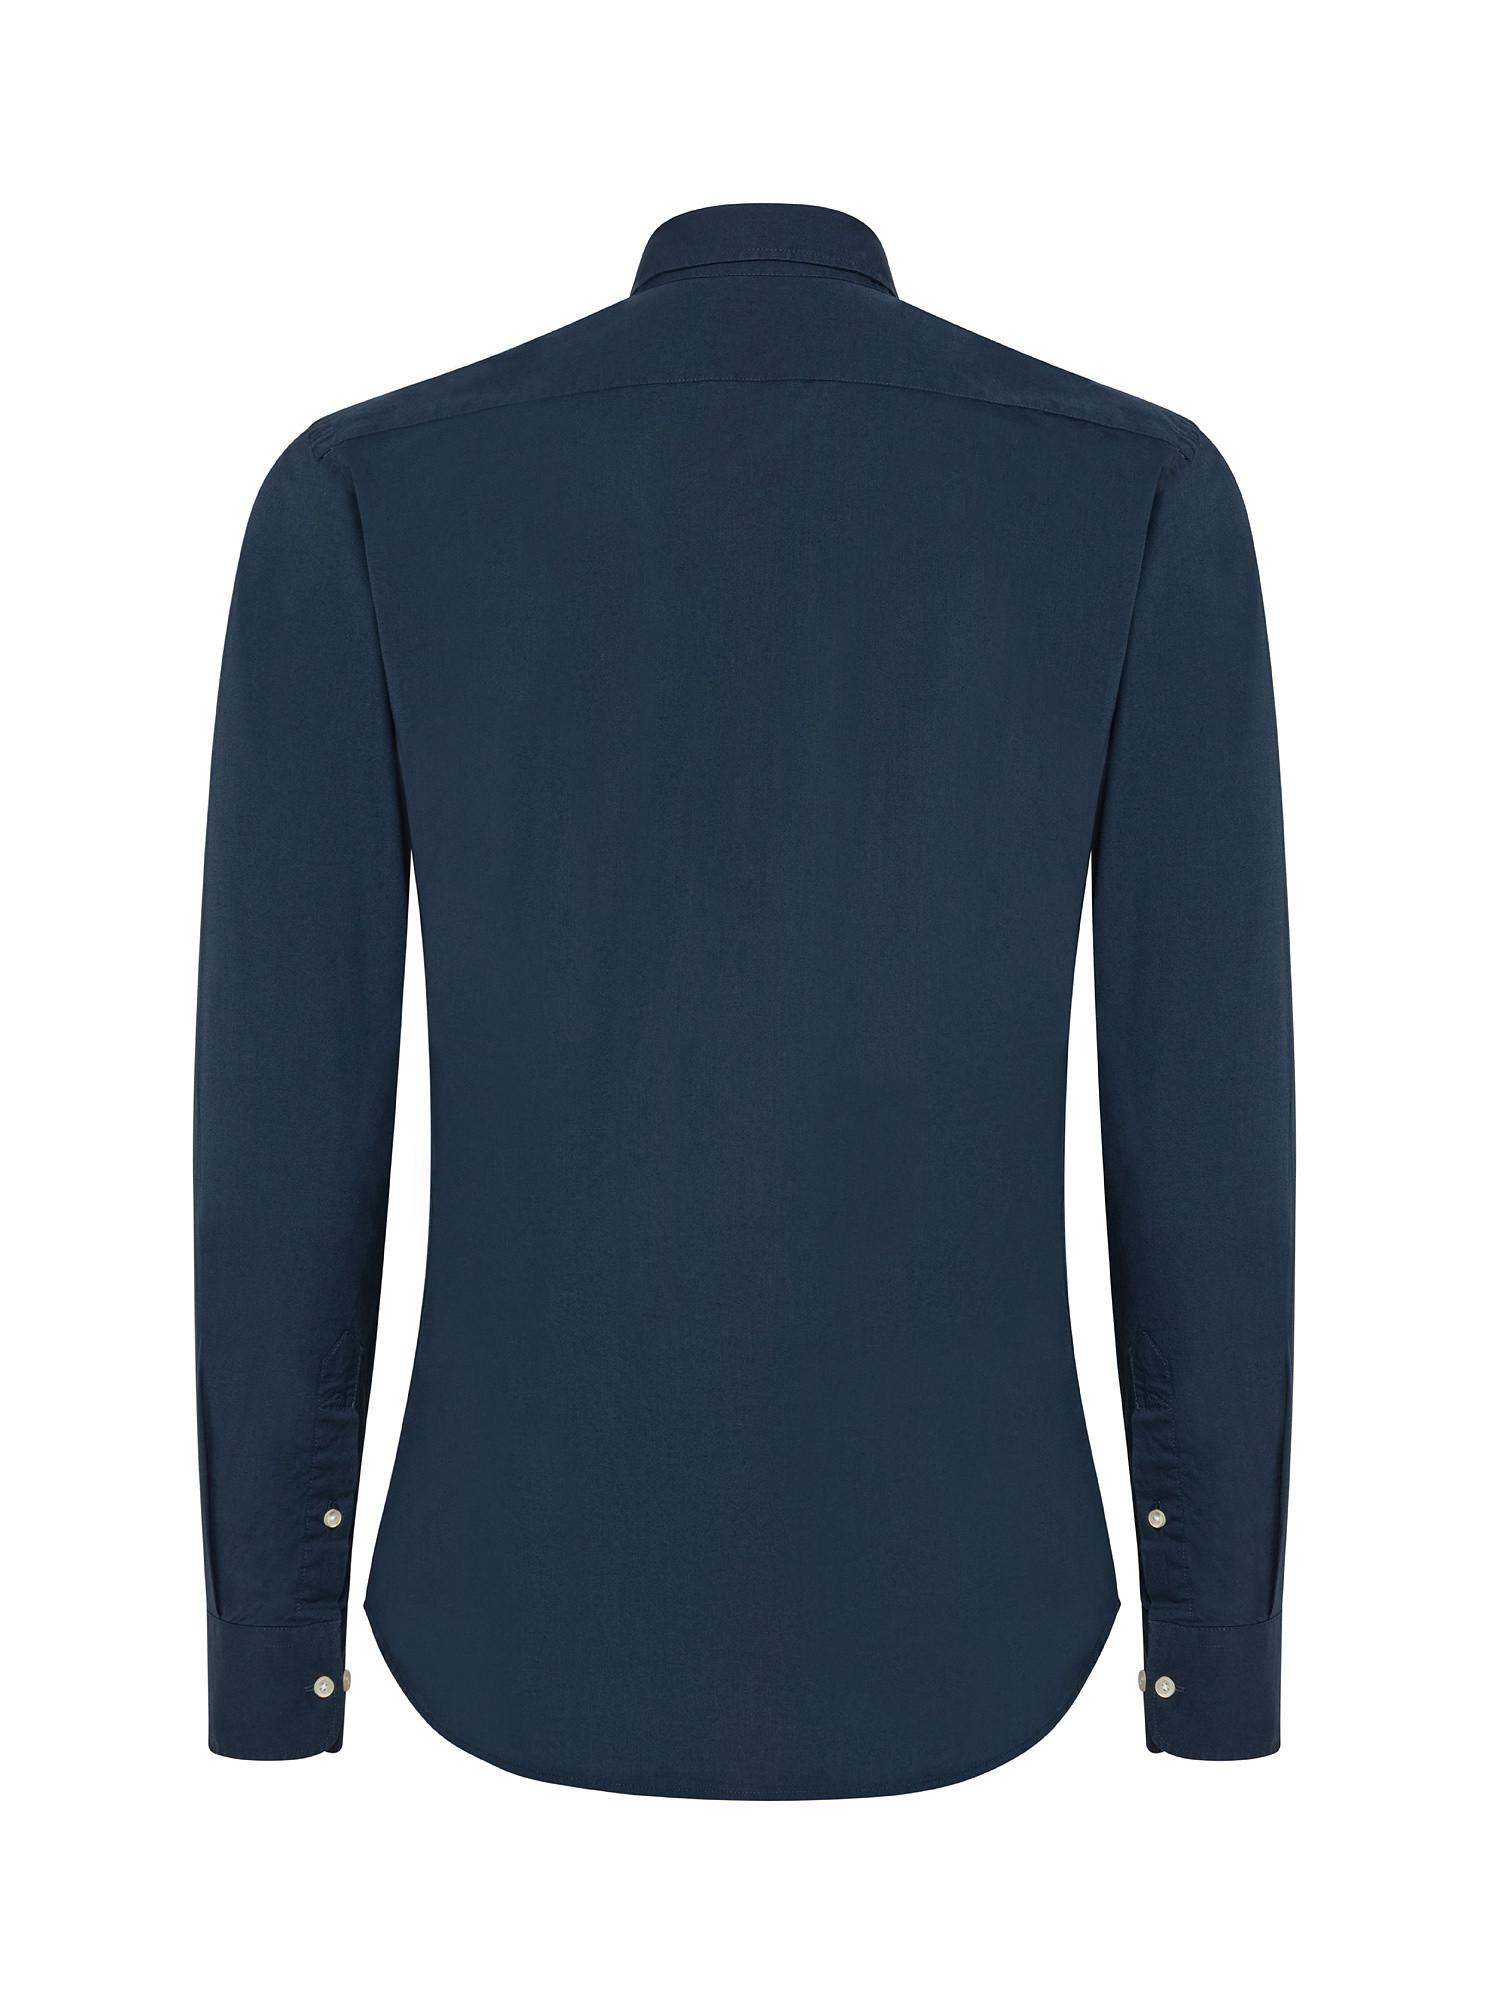 Camicia uomo a maniche lunghe in cotone elasticizzato, Blu, large image number 1